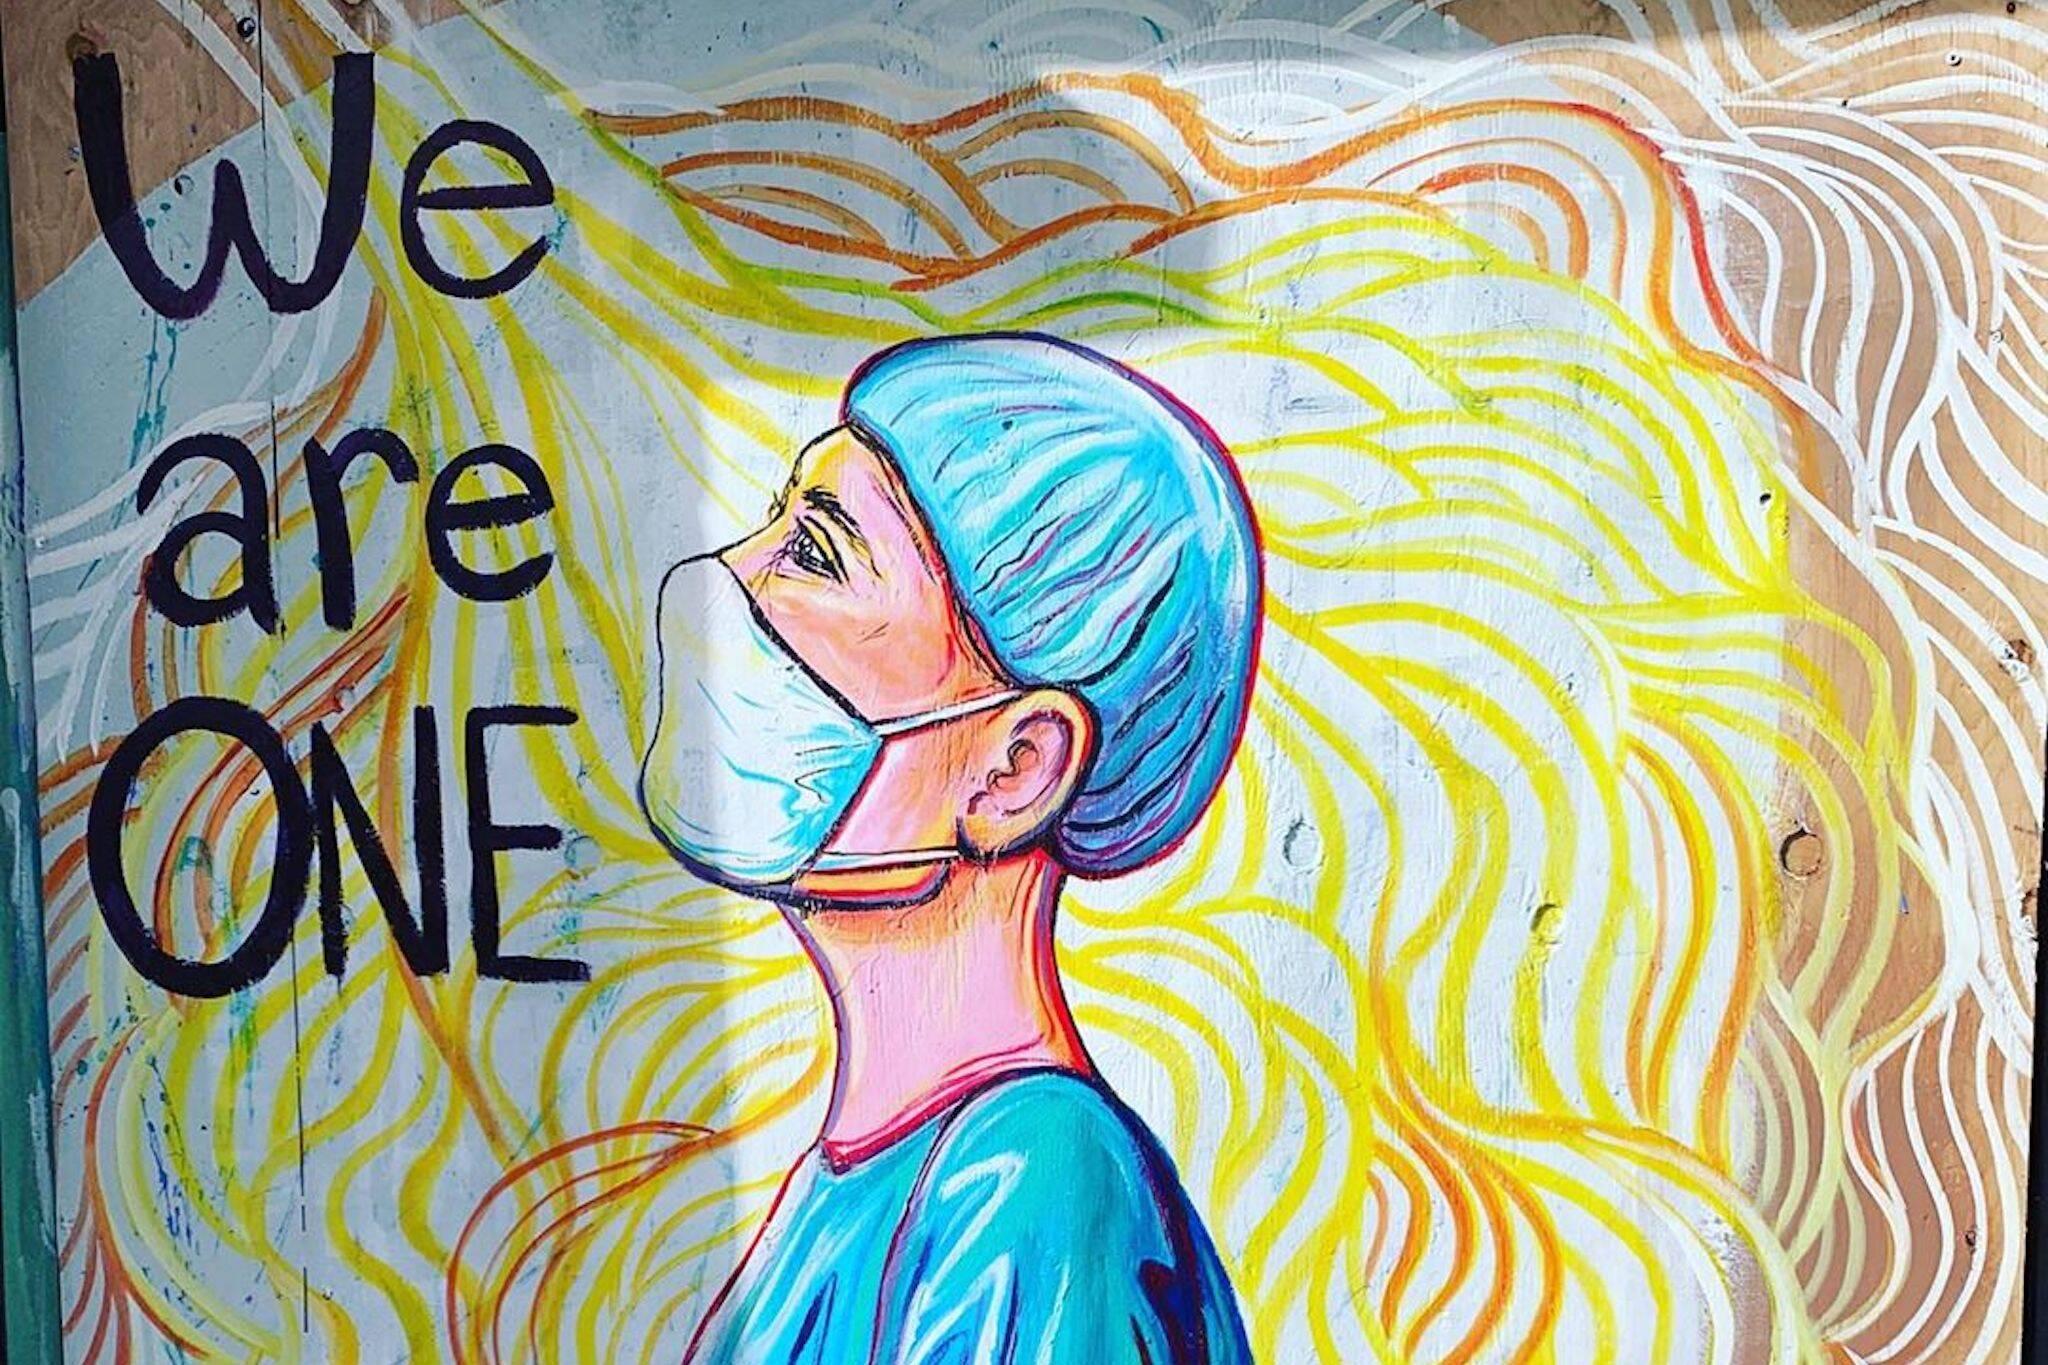 canada murals healthcare workers